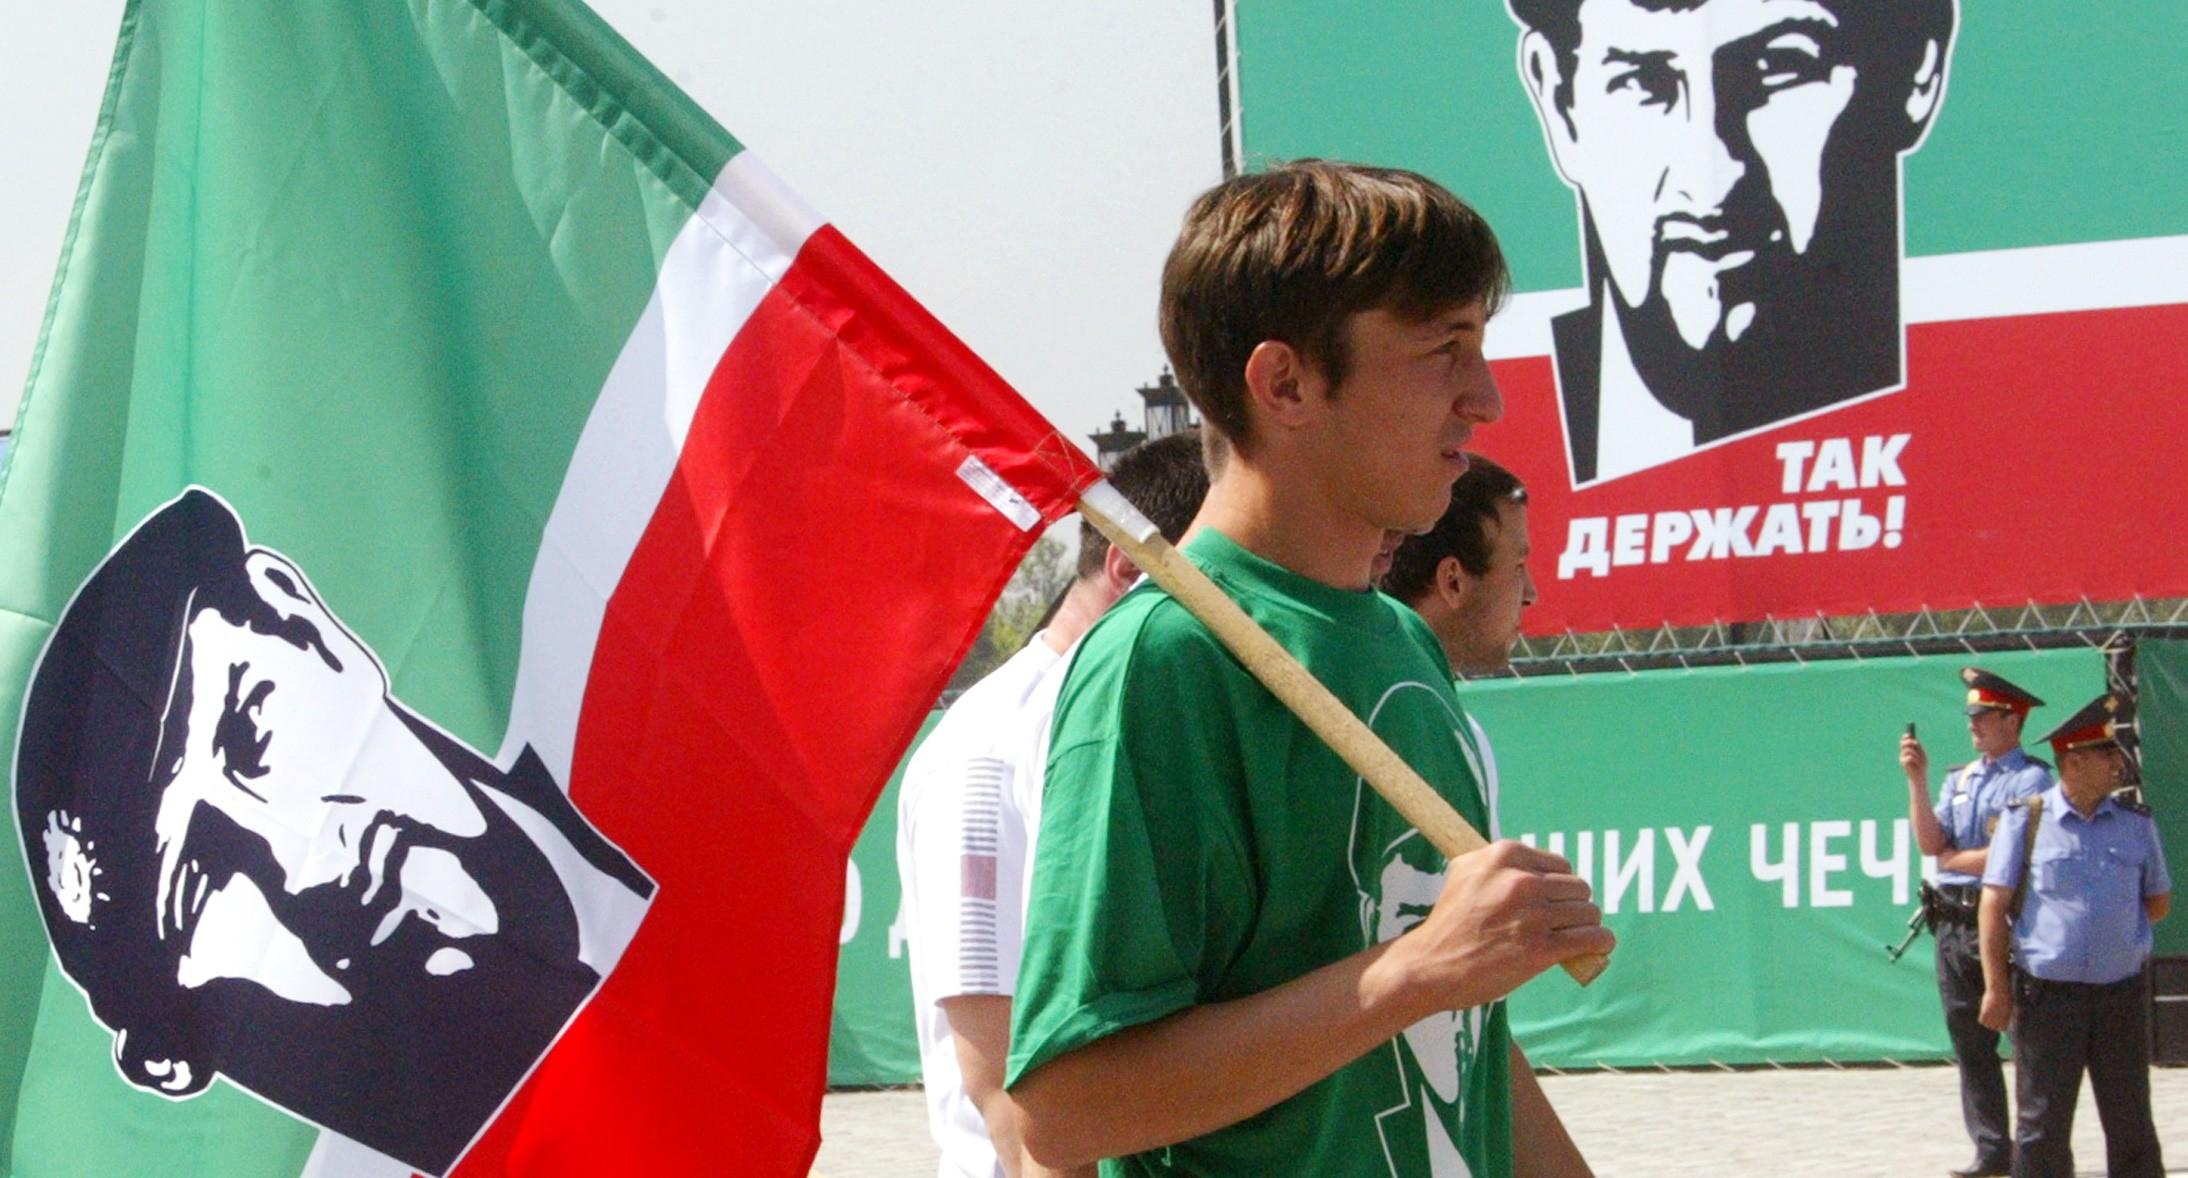 Молодой человек в Грозном с флагом с портретом Кадырова. REUTERS/Said Tsarnayev